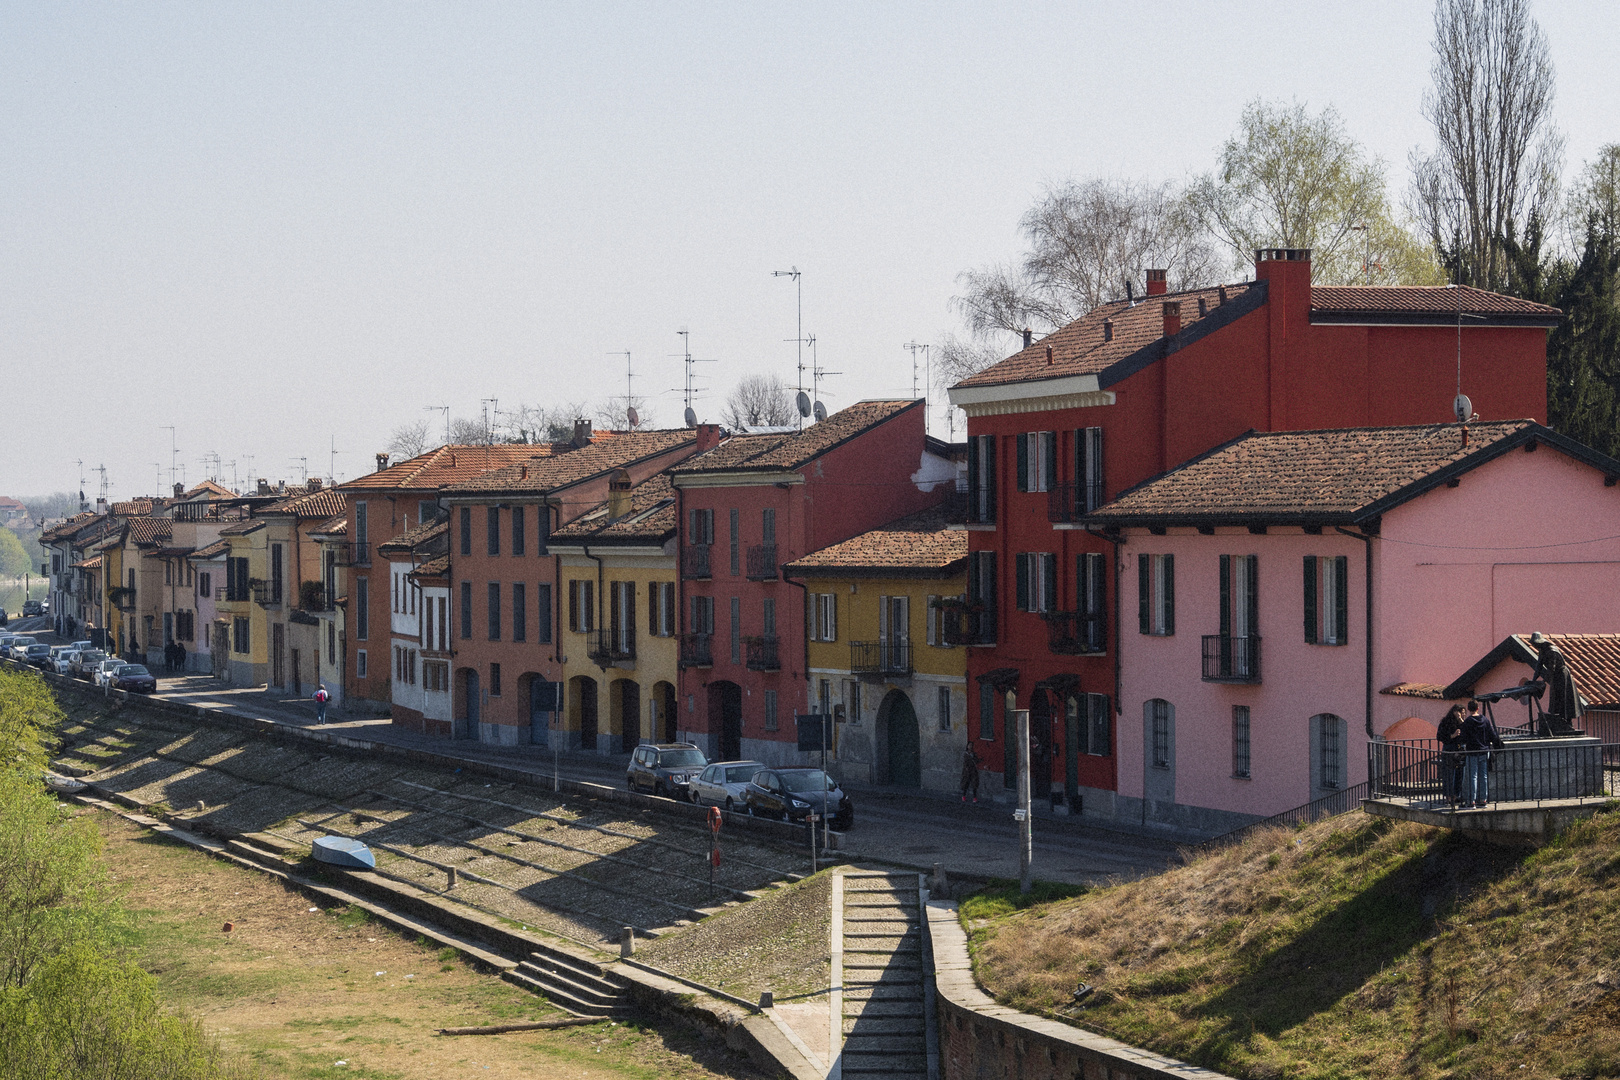 Borgo Ticino, Pavia